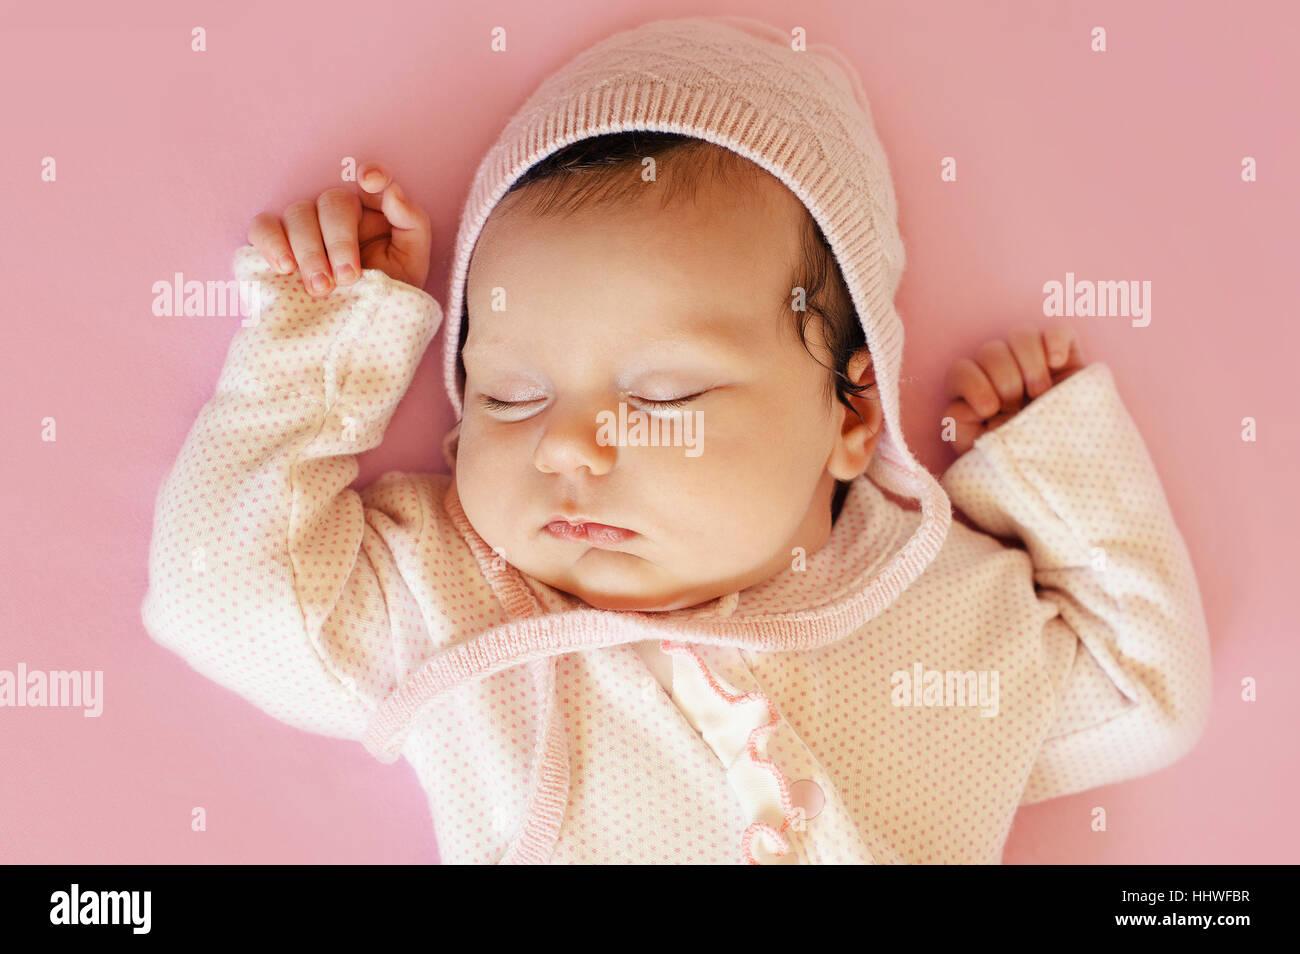 Belle Naissance bebe Fille avec chapeau rose et bleu yeux closeup ... 4130b1258c7